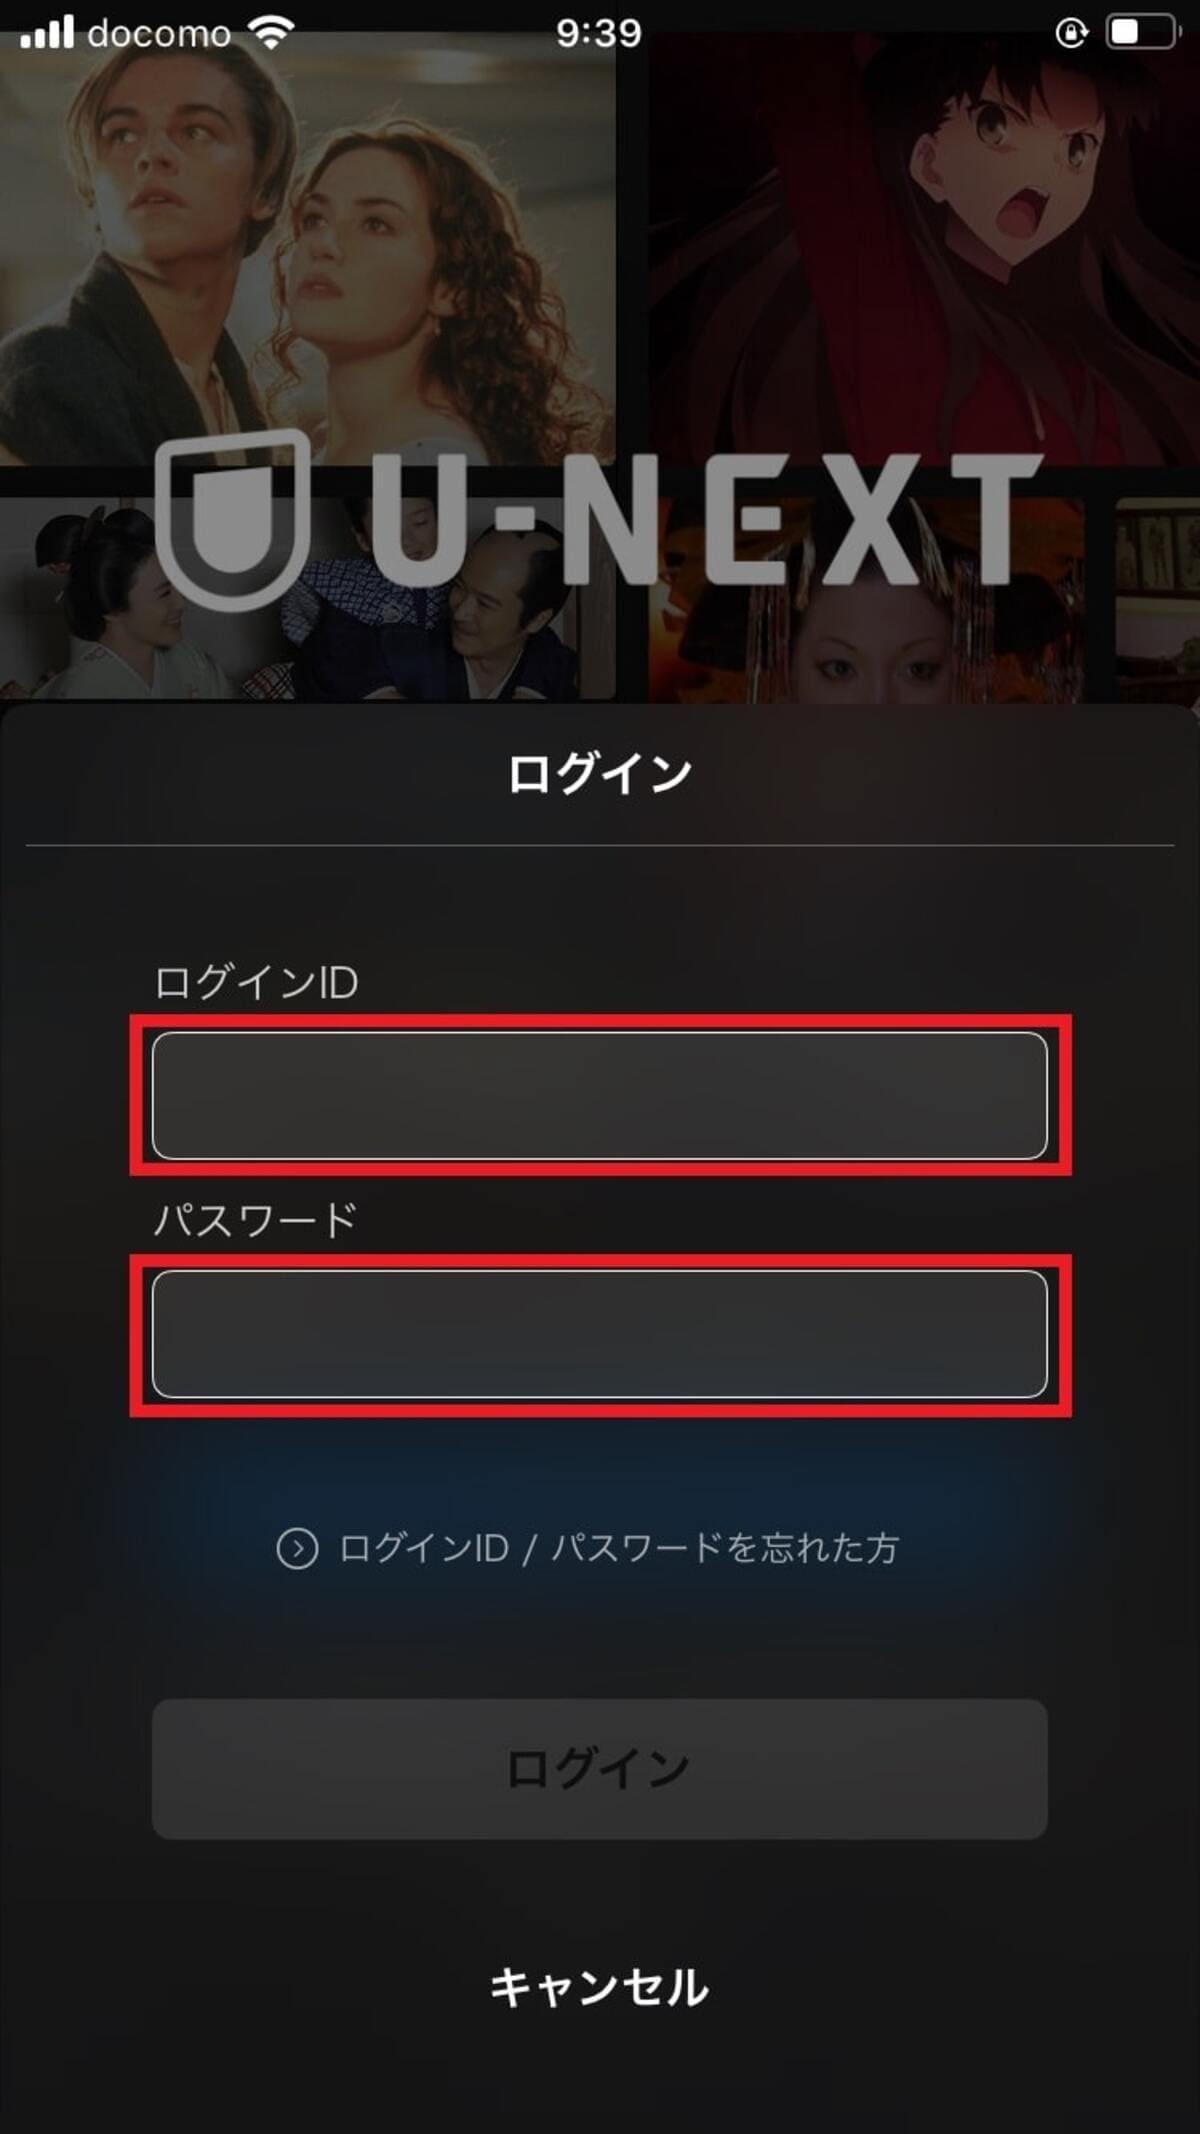 U-NEXTのログイン方法はログインIDとパスワードを入力するだけでOK